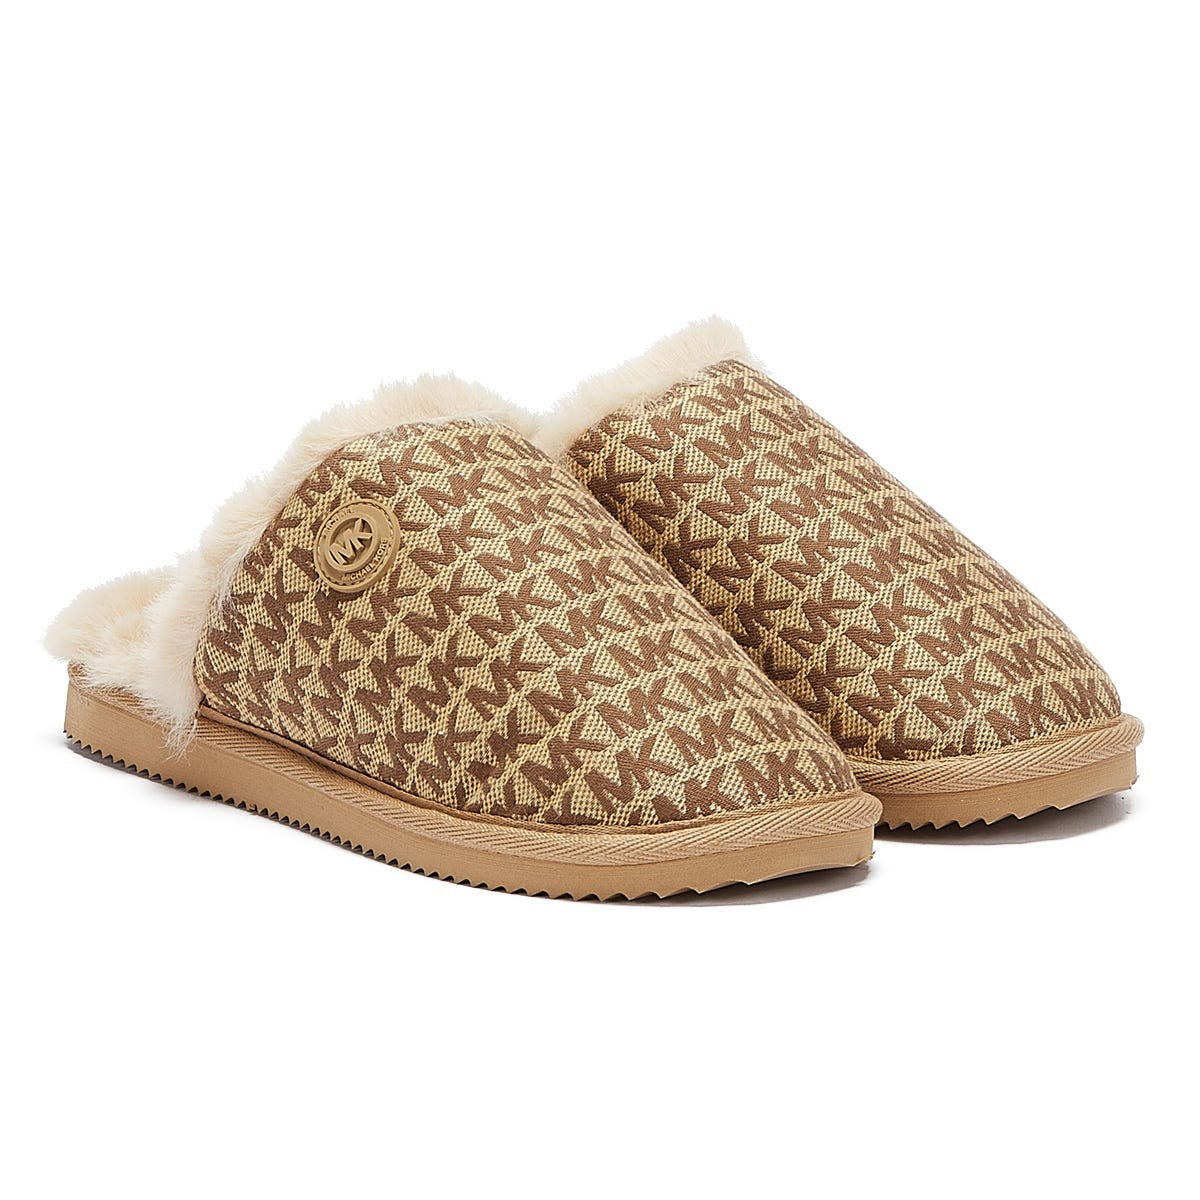 Michael Kors Janis Jacquard Logo Womens Beige Slippers UK 4.5